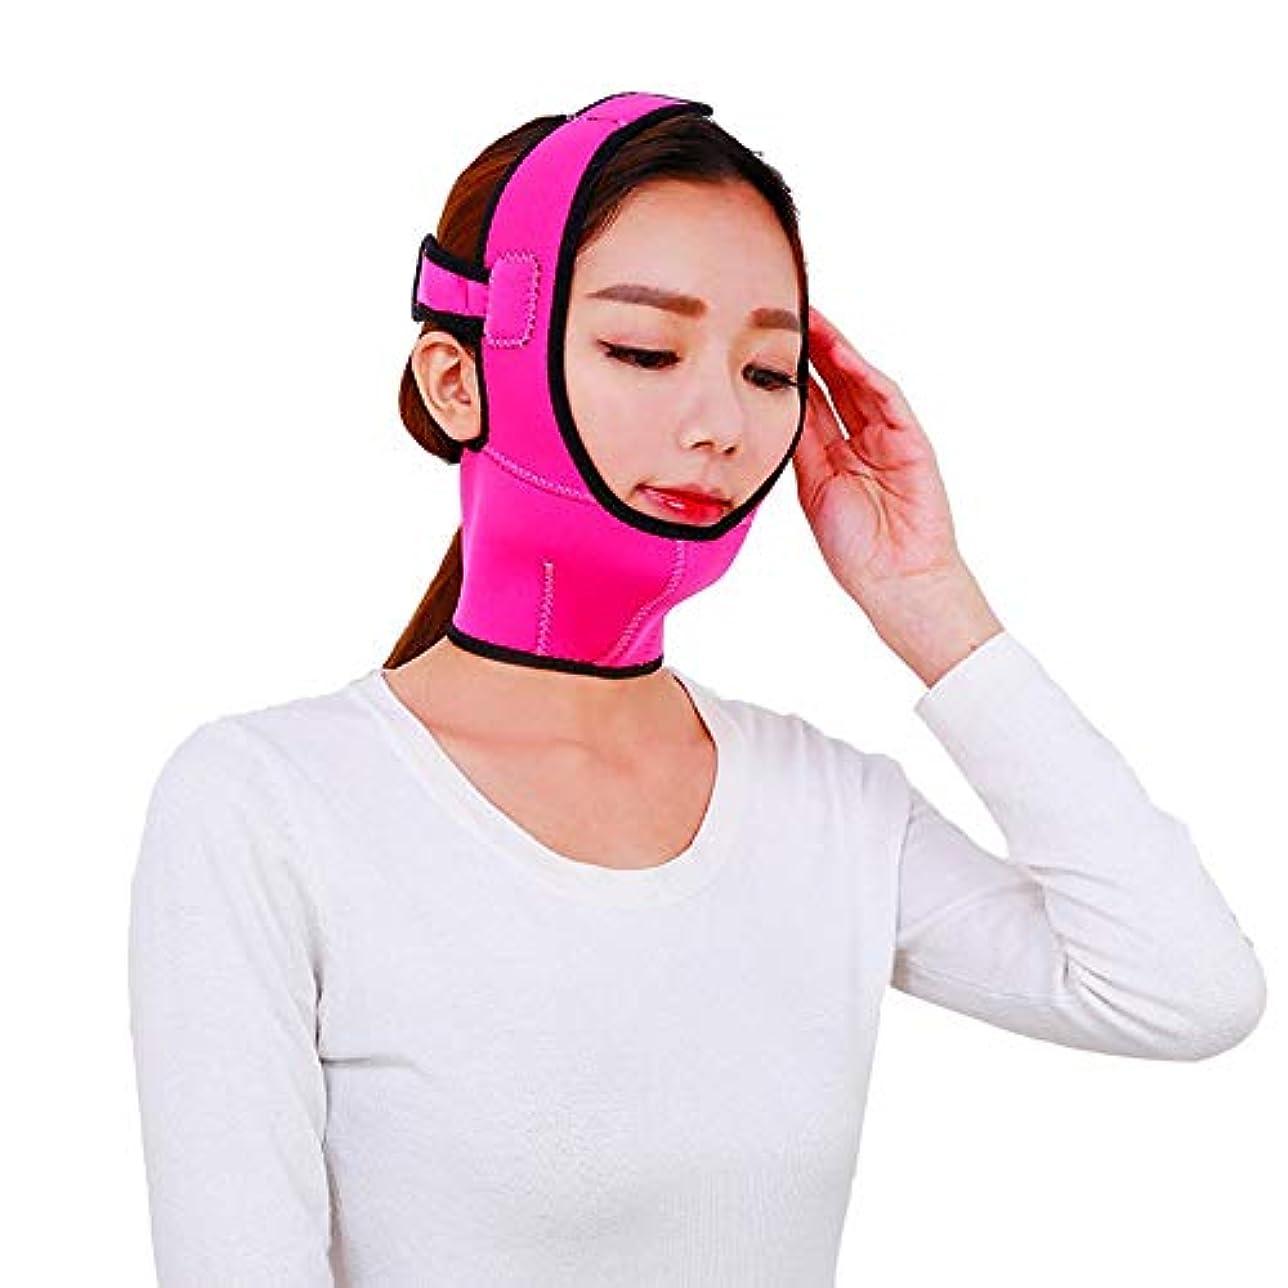 コンプリート医師休憩するフェイスリフトベルト 顔を持ち上げるベルト通気性の顔面リフティング包帯ダブルチン顔面リフティングマスクを締めるV顔面顔面リフレッシングツール